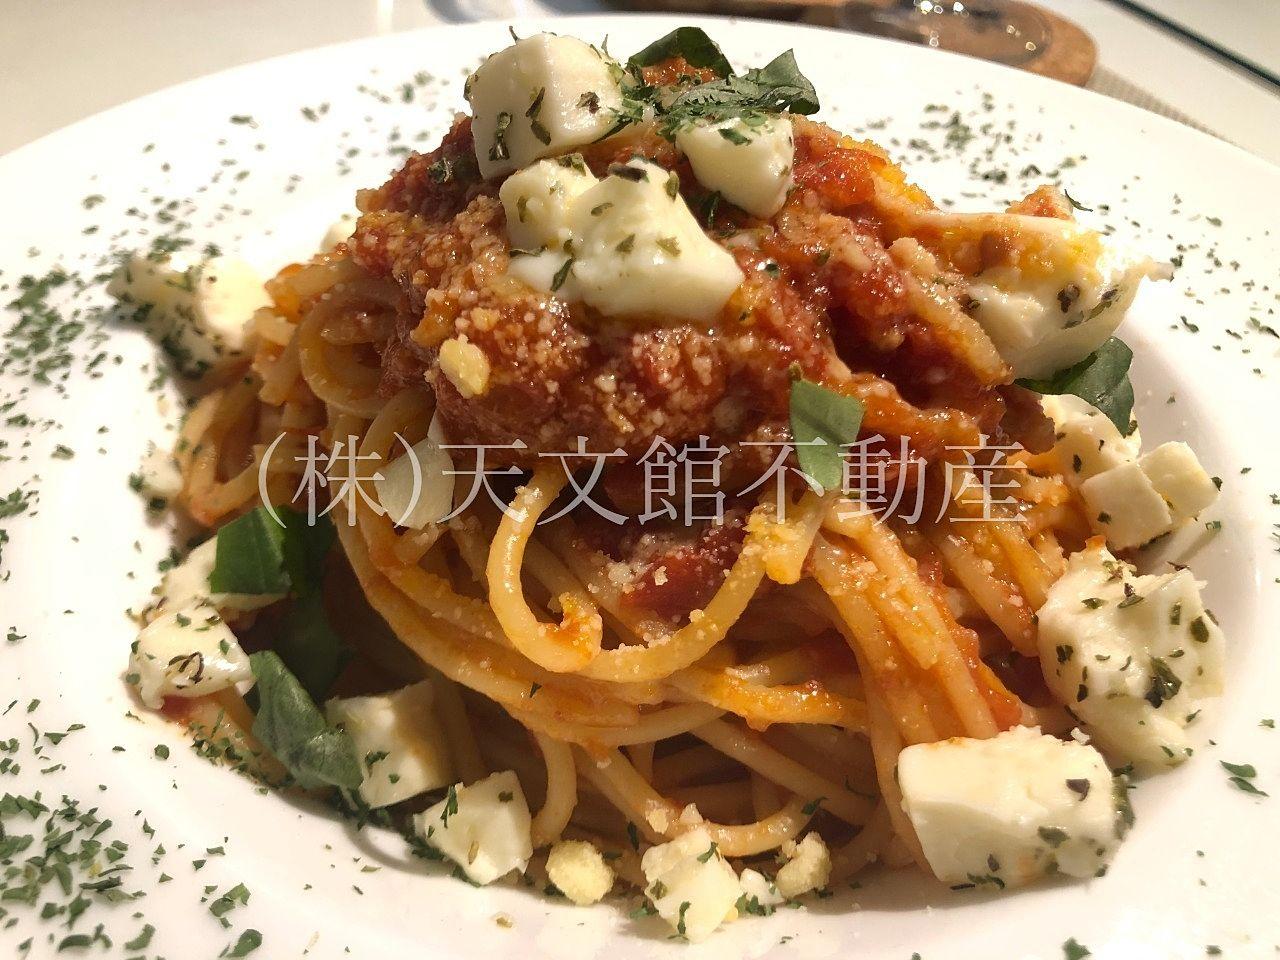 鹿児島市城山町「DINIZ CAFE (ジニスカフェ)」はスパゲティはとても美味しいです。